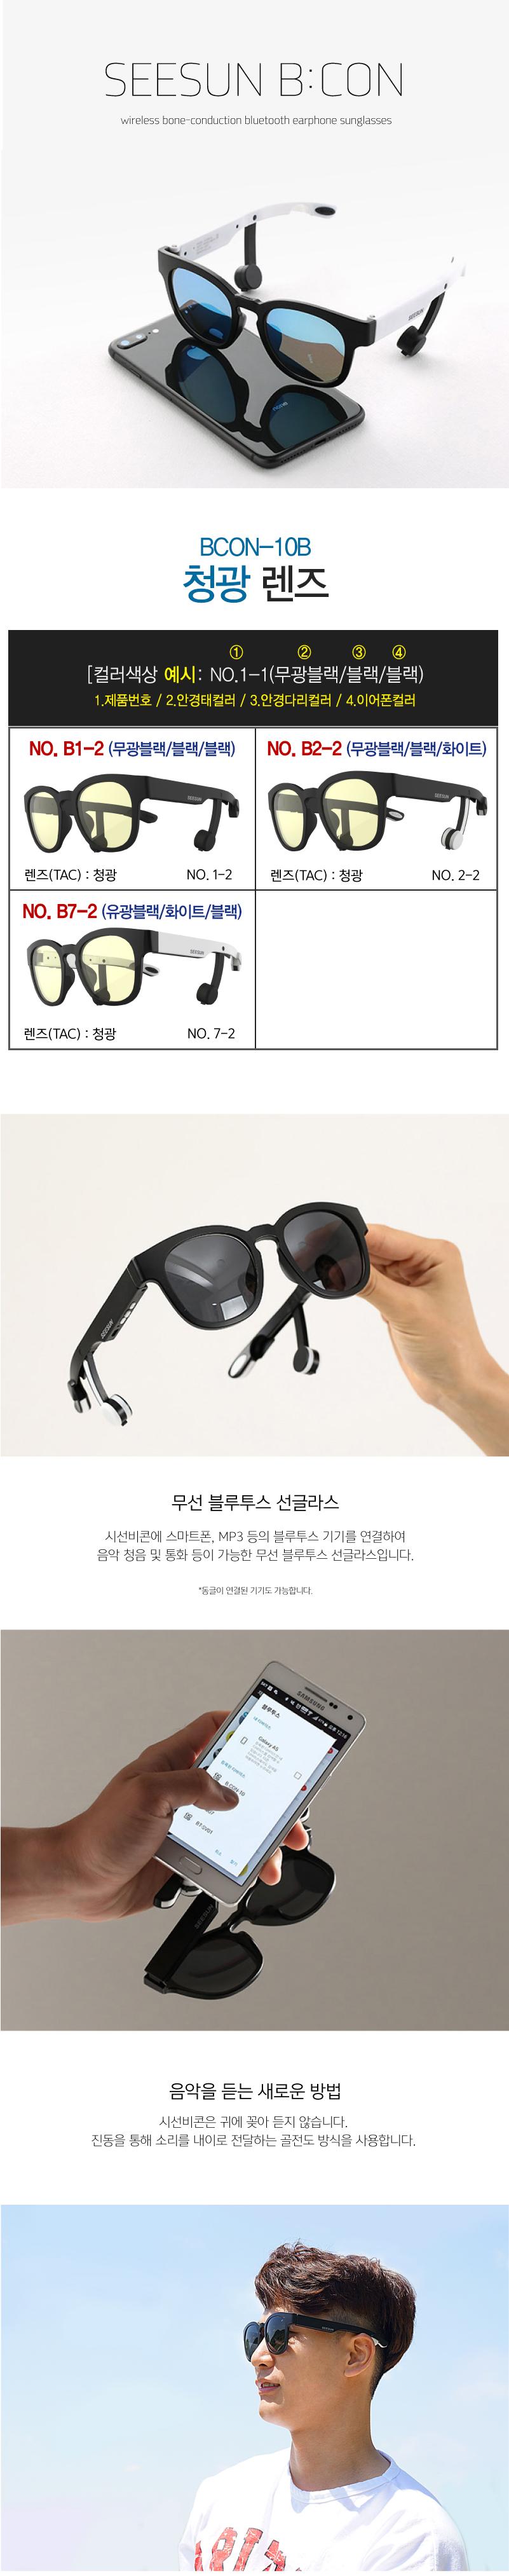 시선 BCON-10B 블루투스 골전도 스마트 선글라스 MADE IN KOREA